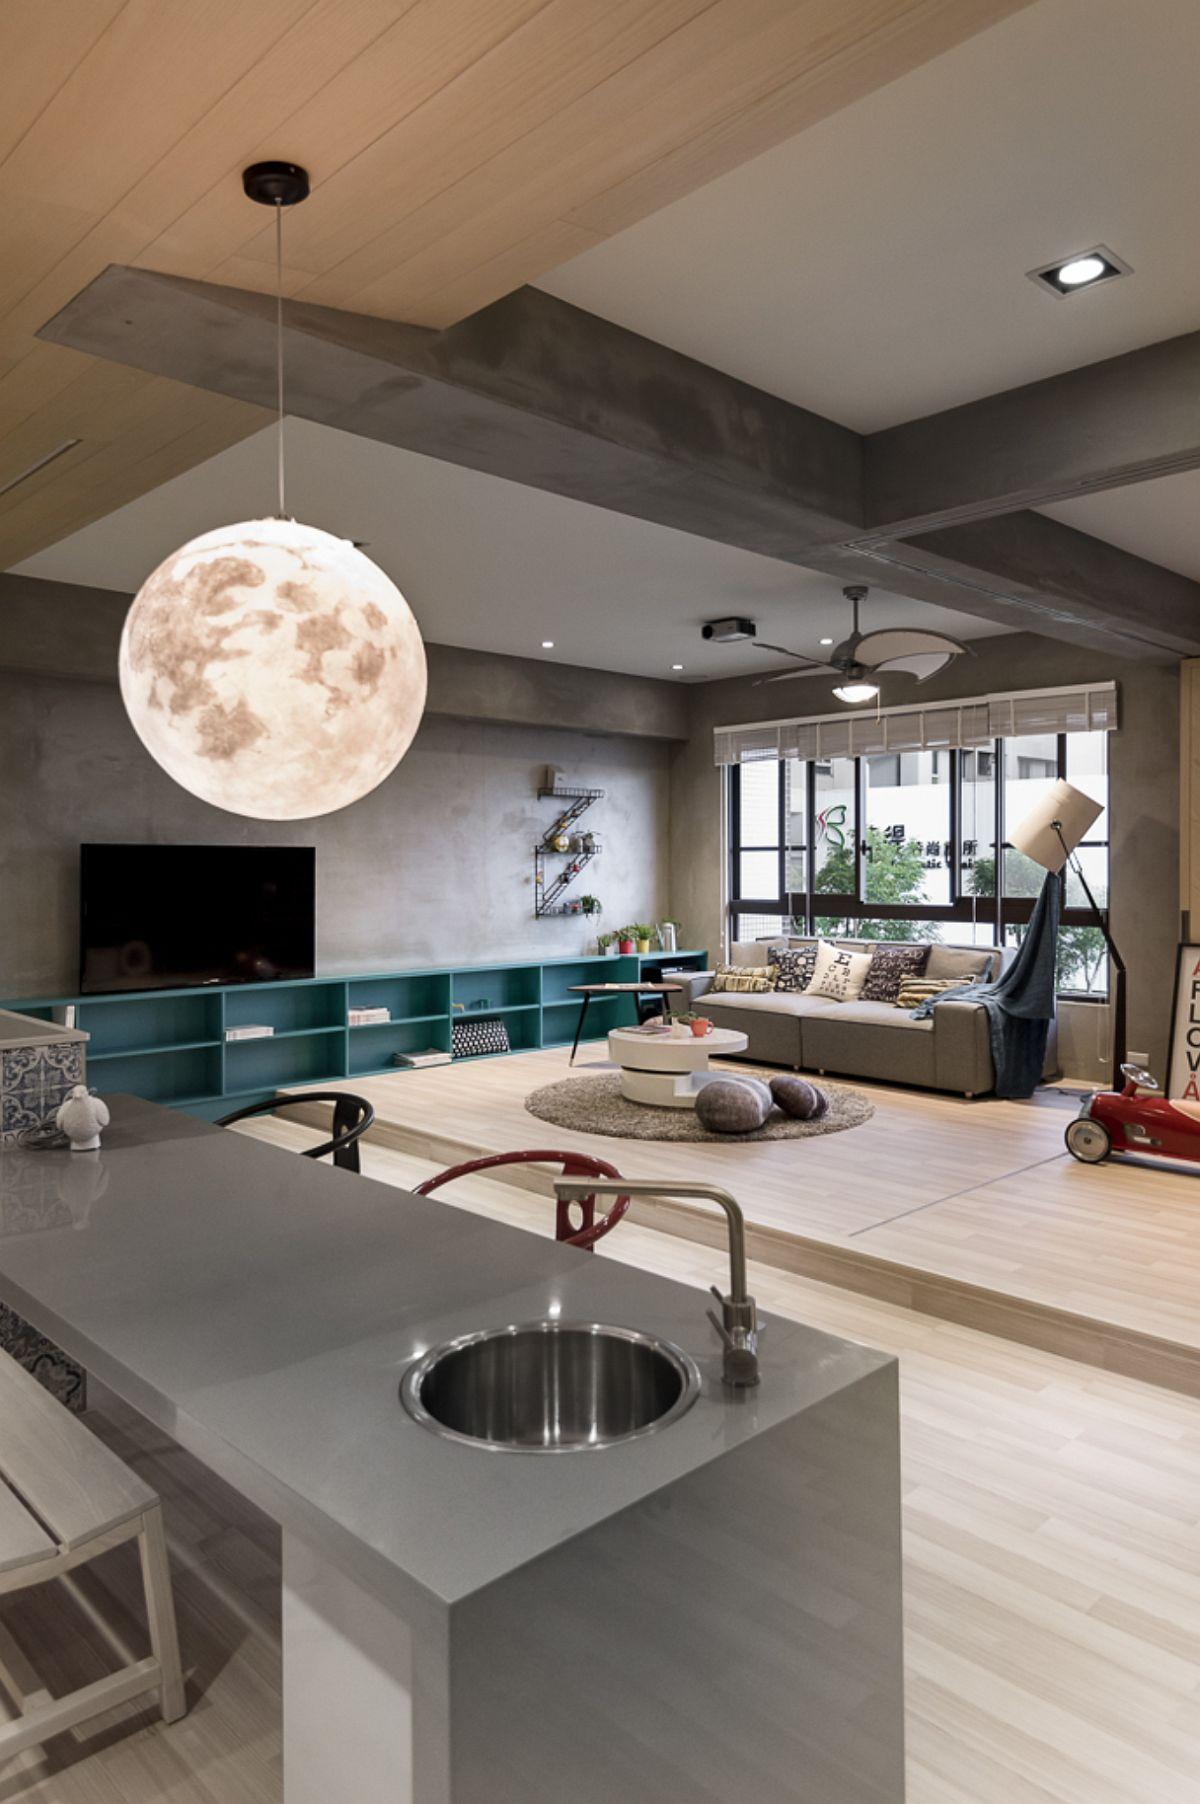 Deasupra mesei insulă, care include o chiuvetă mică, este o suspensie, un corp de iluminat care imită aspectul Lunii. Un accent ludic, care completează ideea de spațiu de joacă al acestui spațiu generos.